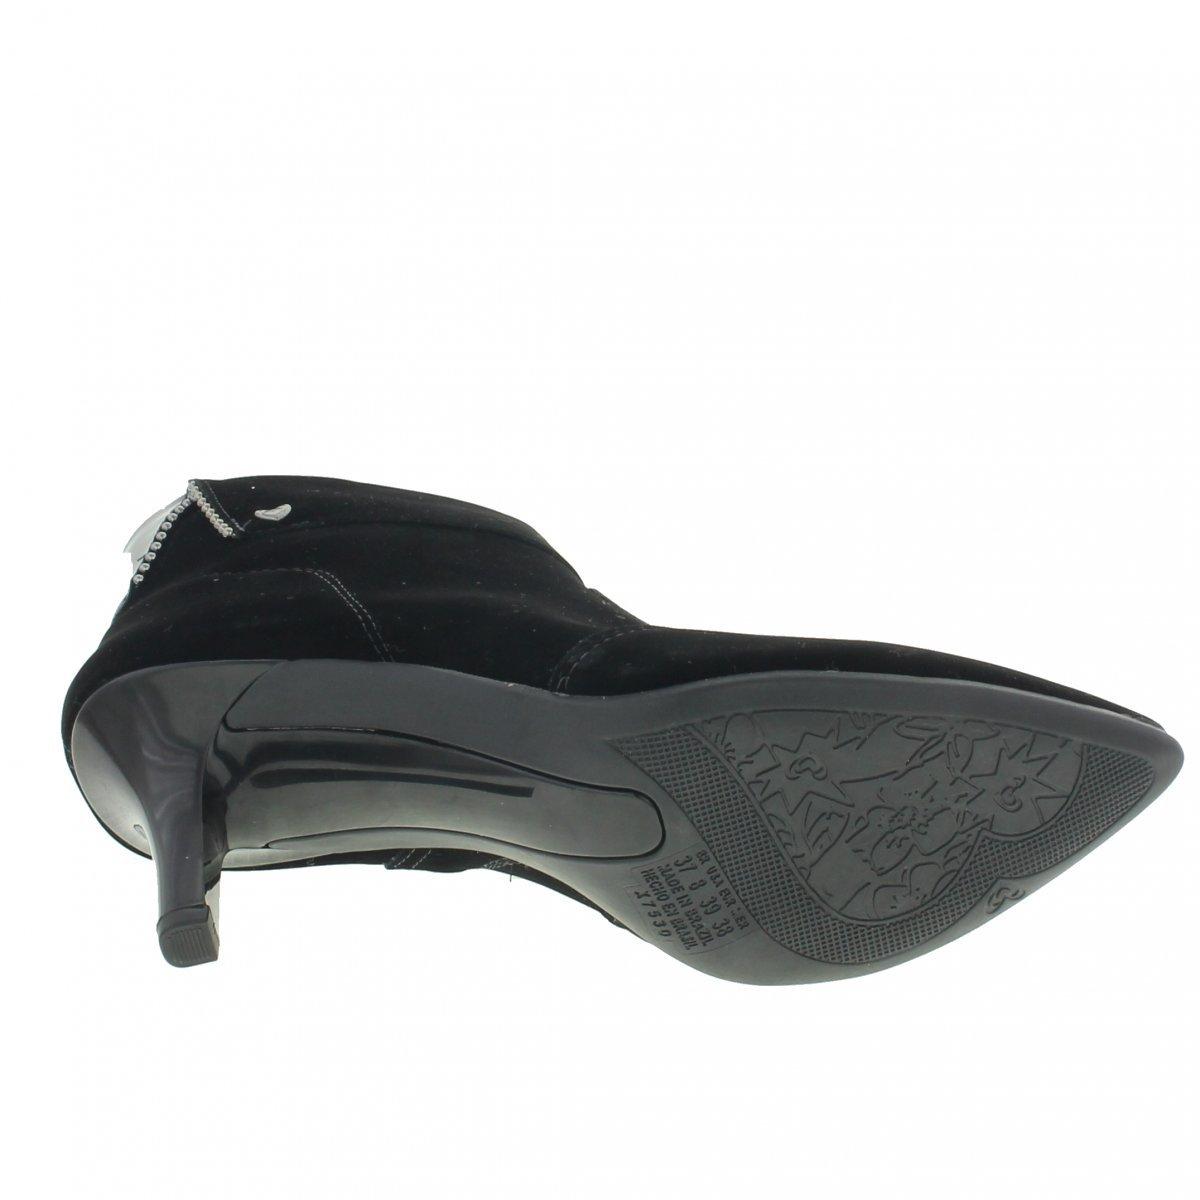 Preto Bota Ankle Mississipi Camurça Camurça Feminino Boots Bota rBt0qr